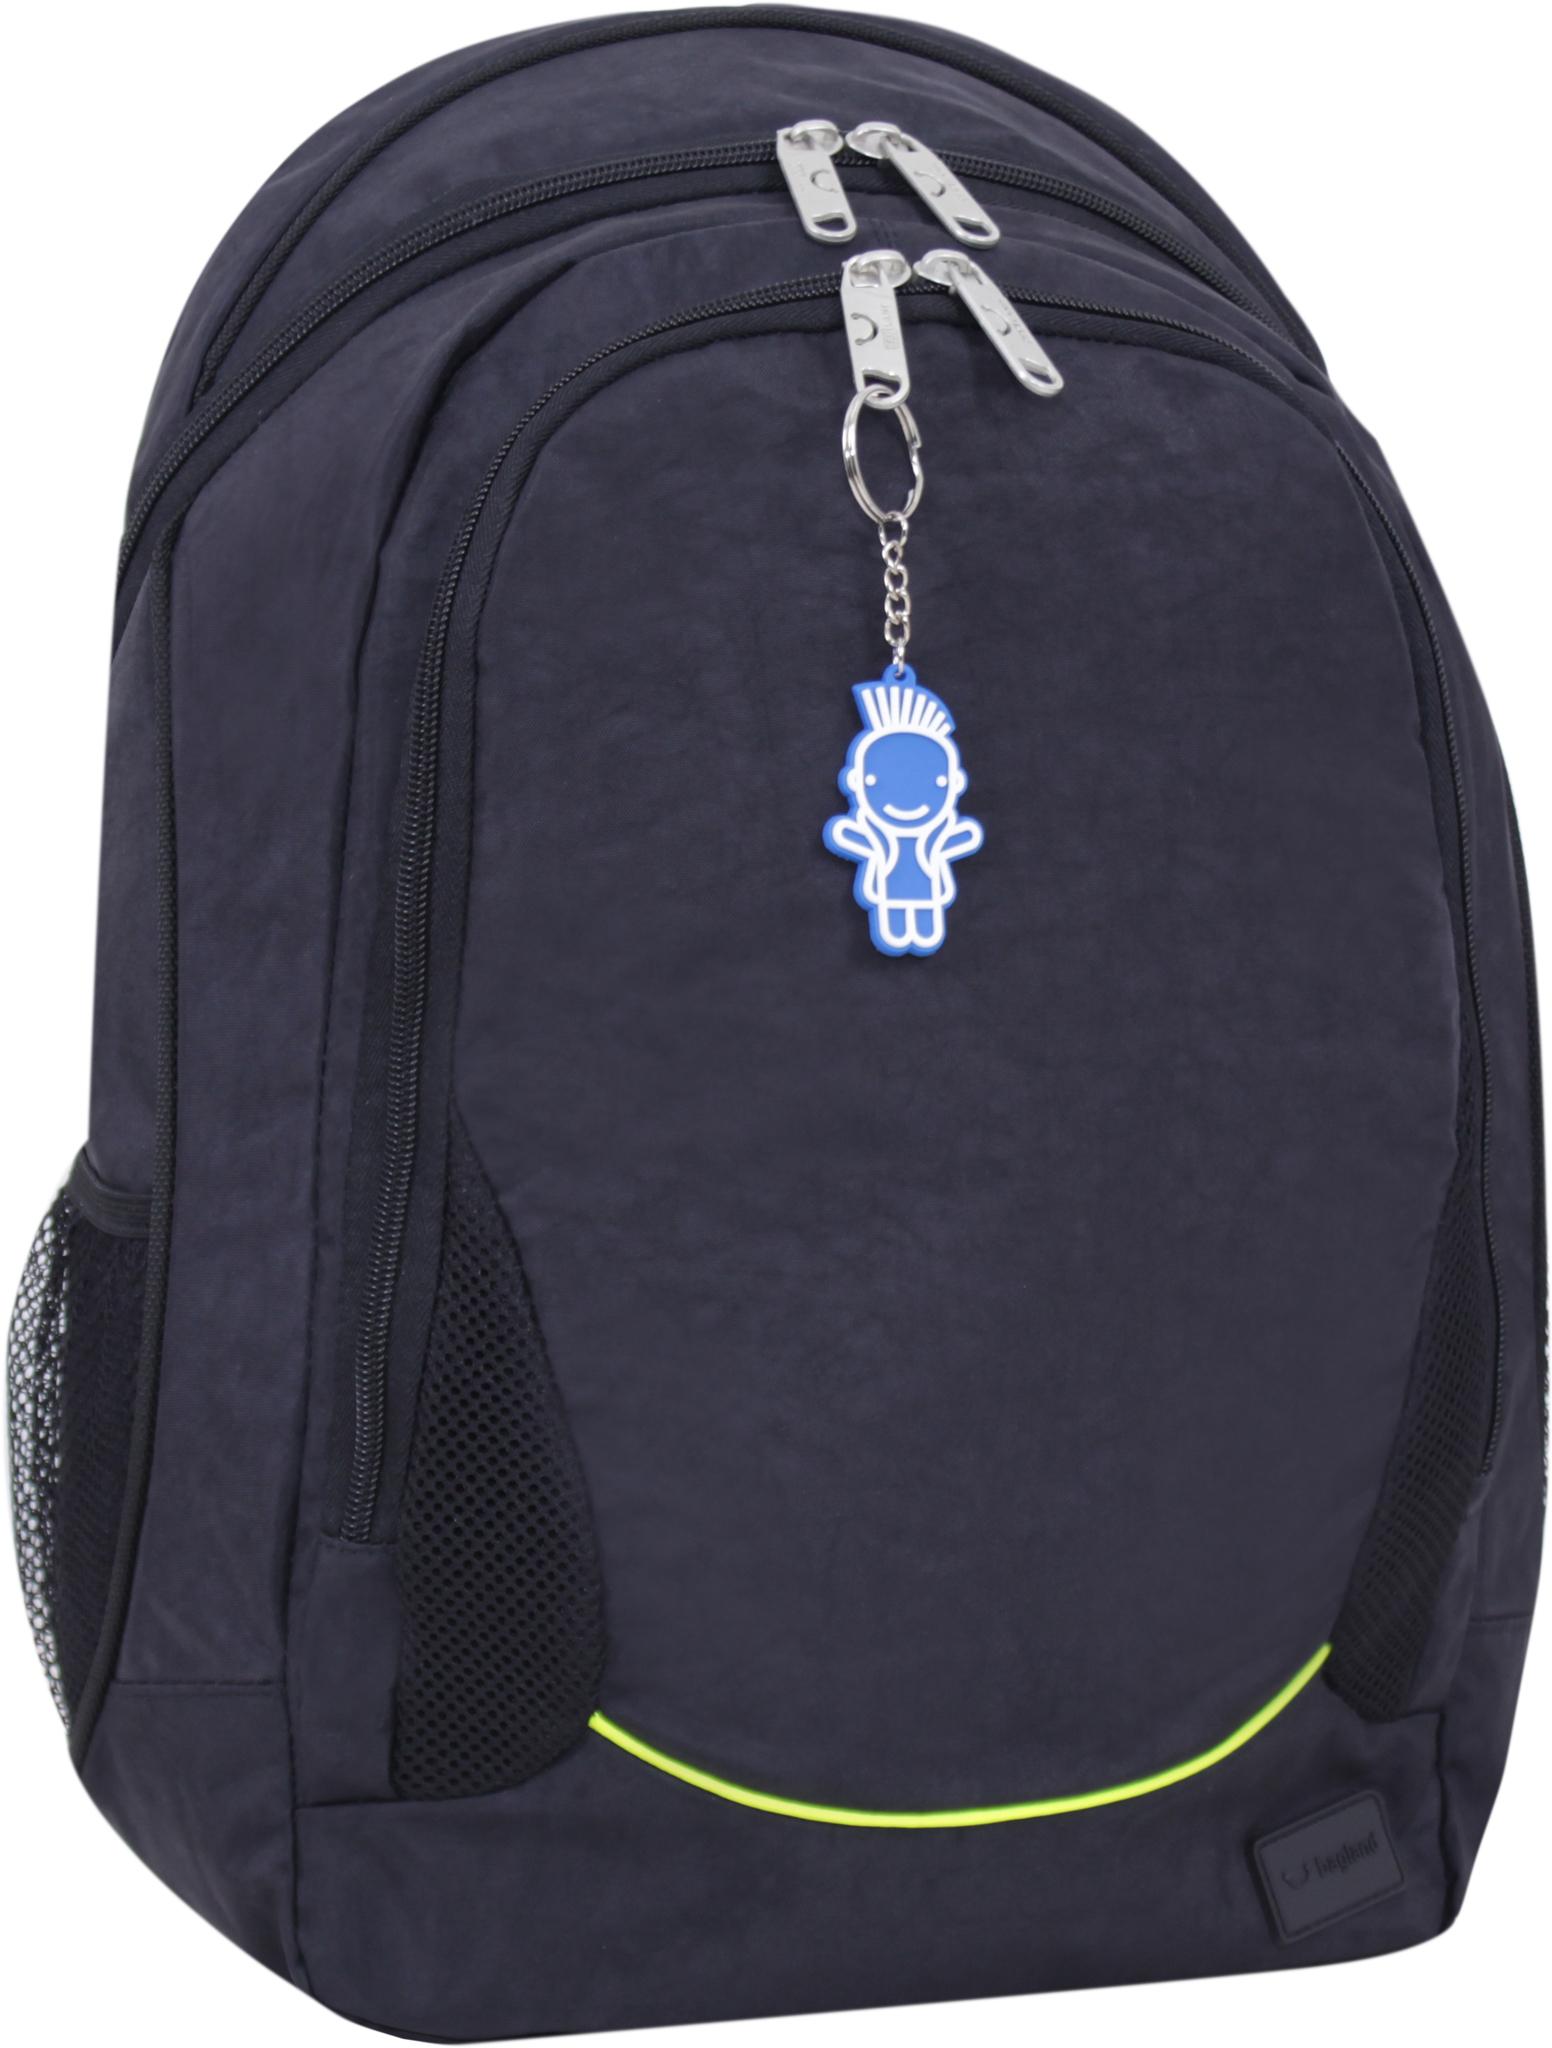 Средние рюкзаки Рюкзак Bagland Ураган 20 л. черный (0057470) IMG_8847.JPG